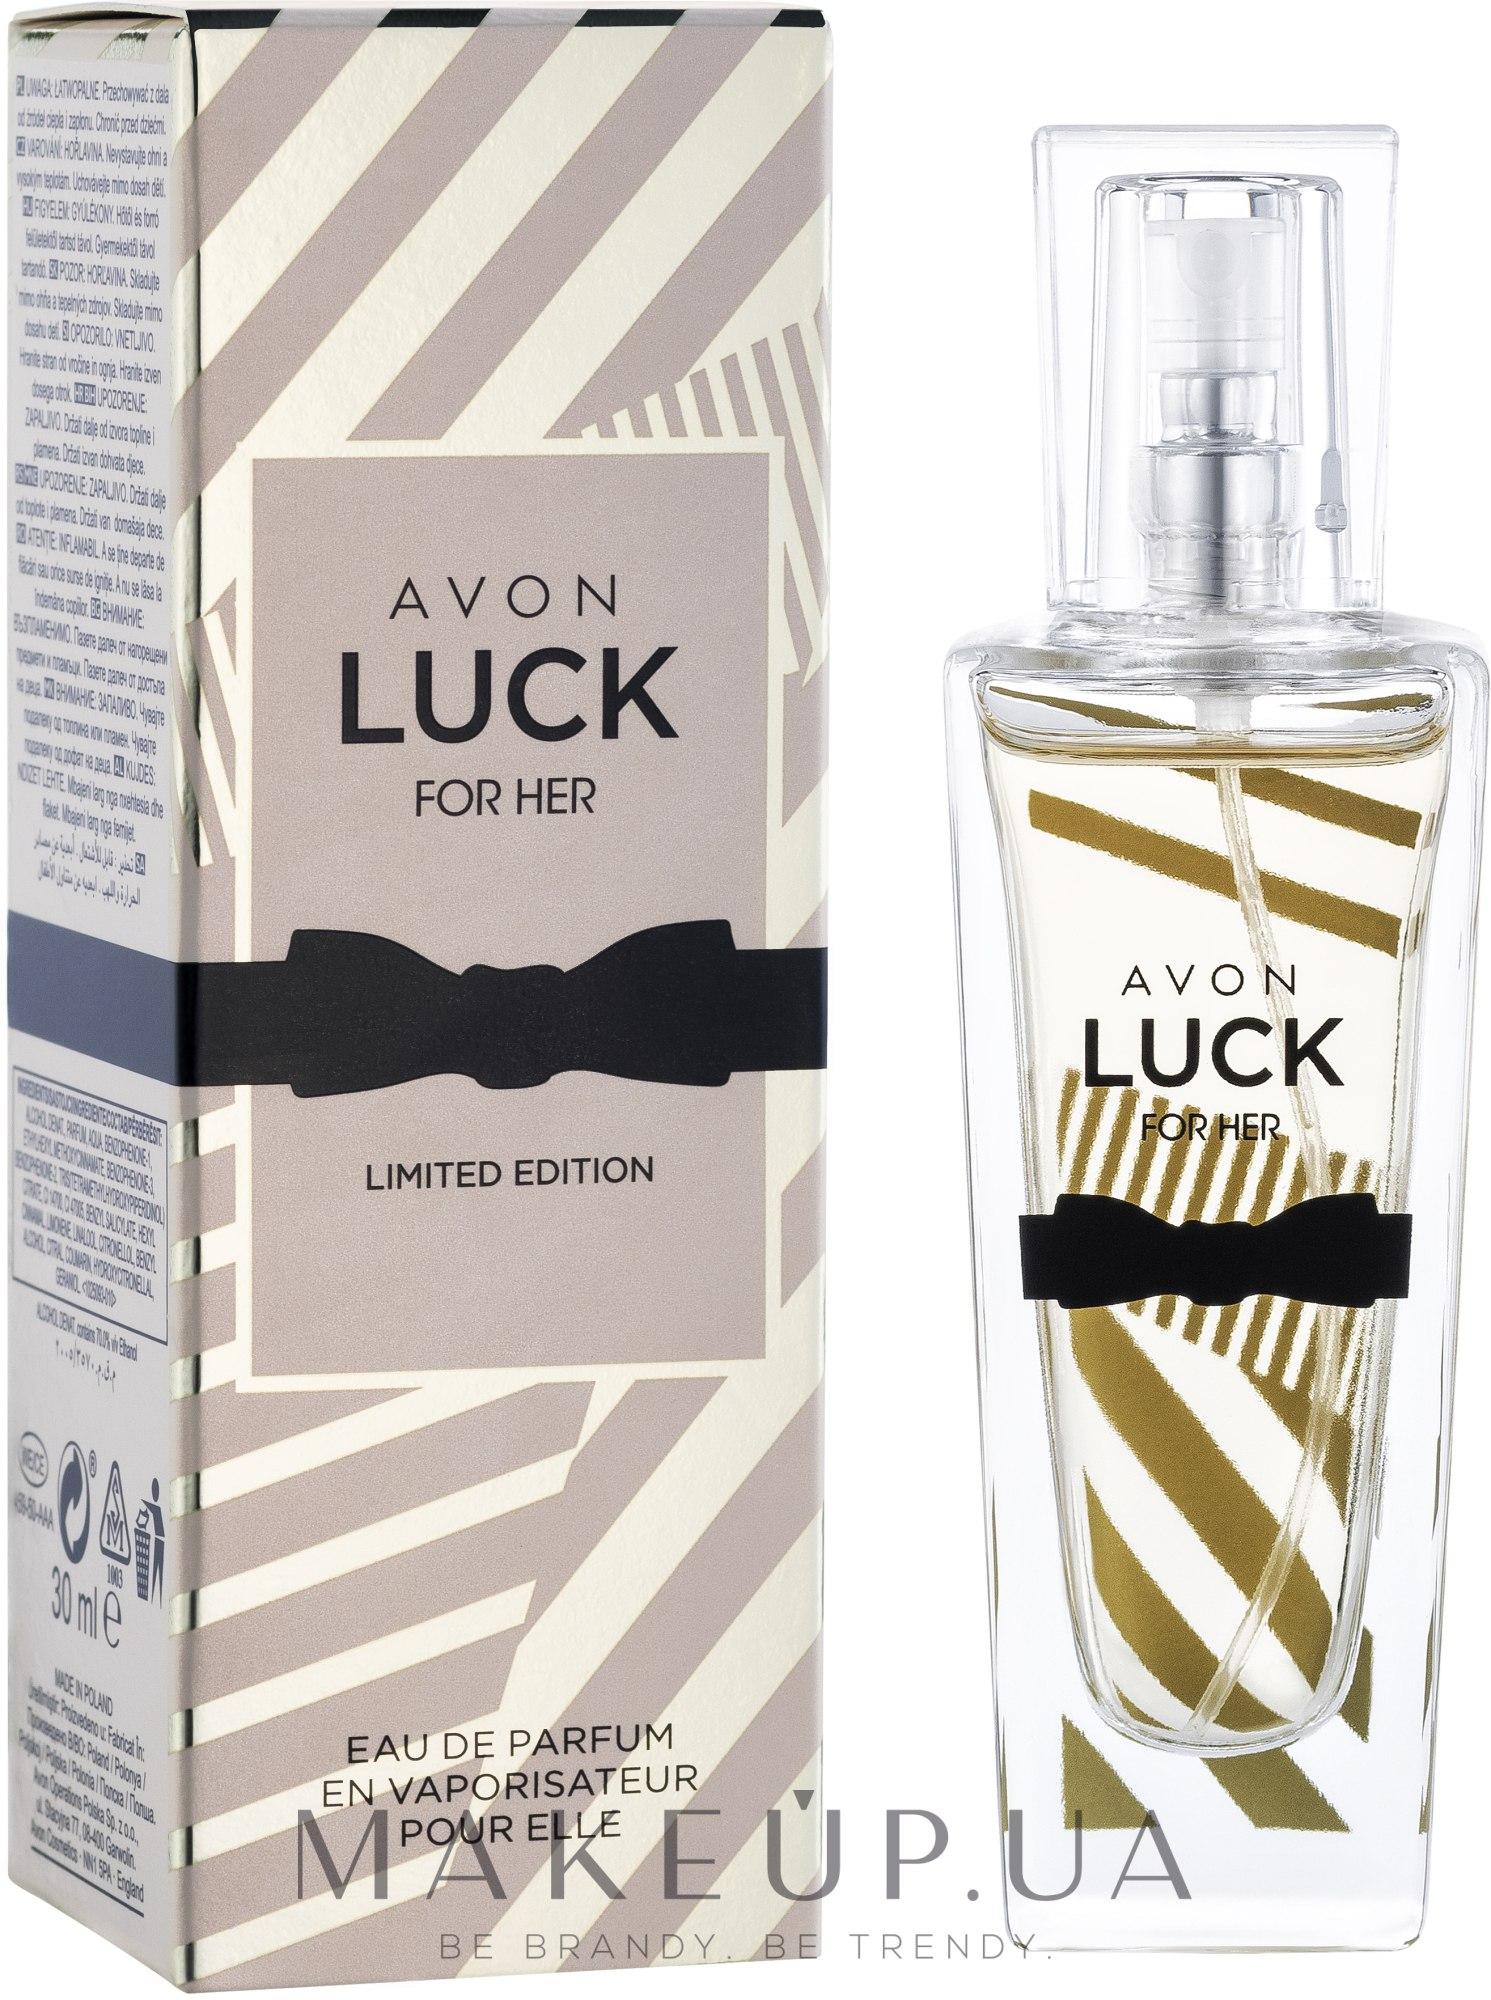 Luck духи холи ленд косметика купить в ростове